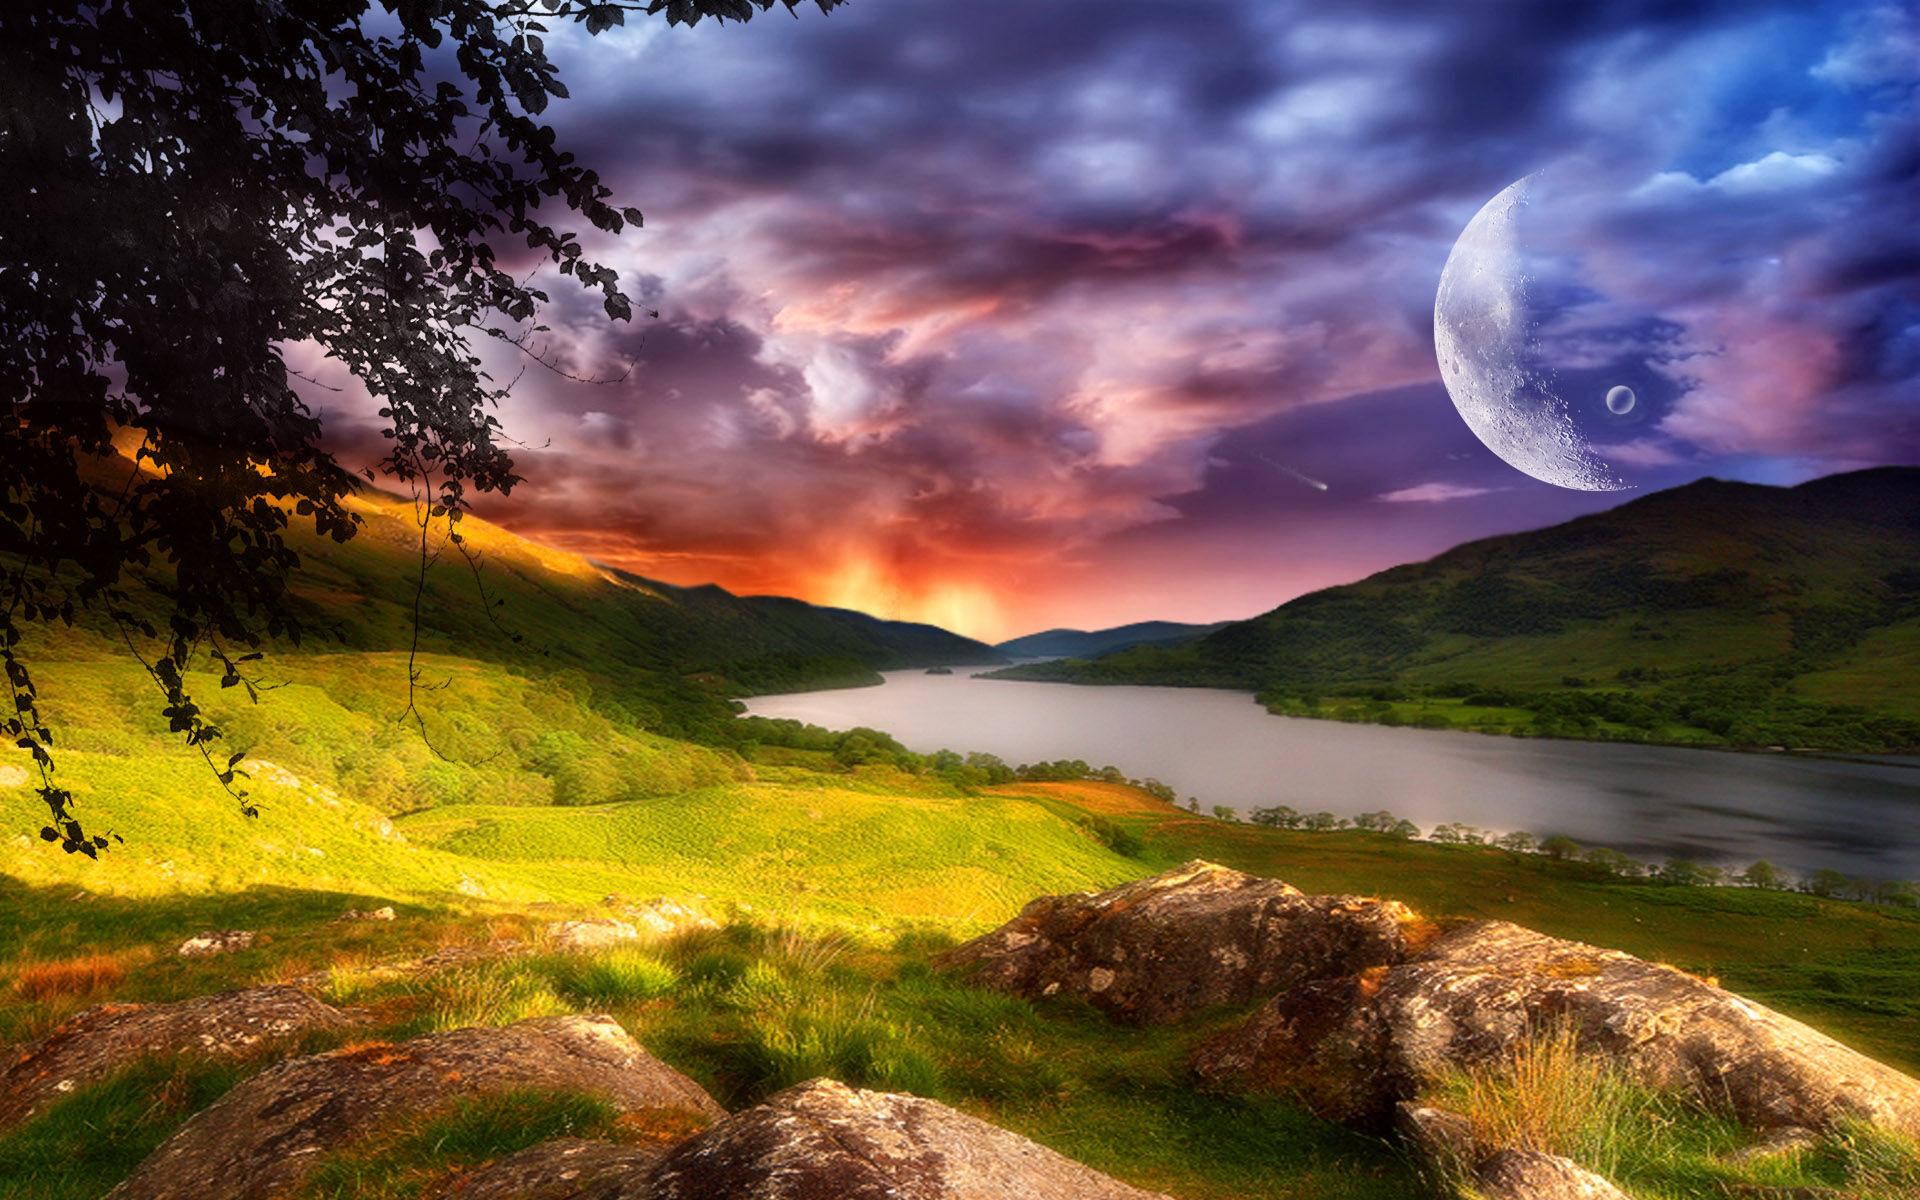 Fantasy Landscape Desktop Backgrounds 1920x1200